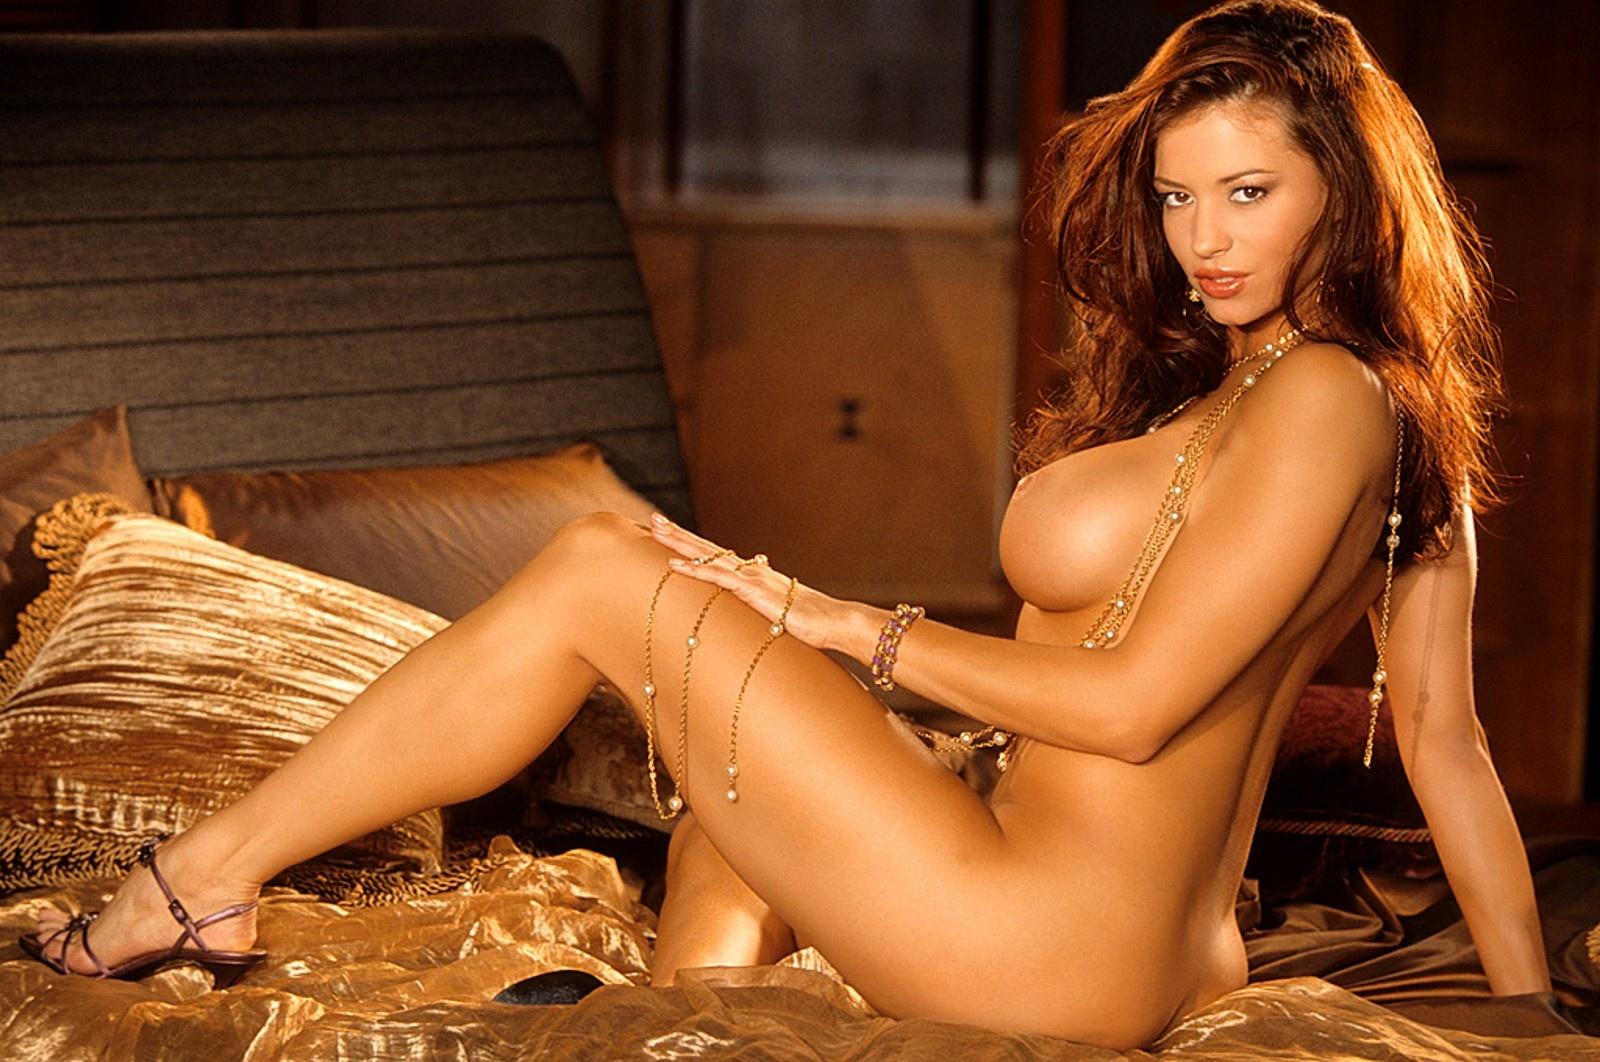 Wwe wrestlerinnen nackt heiße mädchen wallpaper foto 2